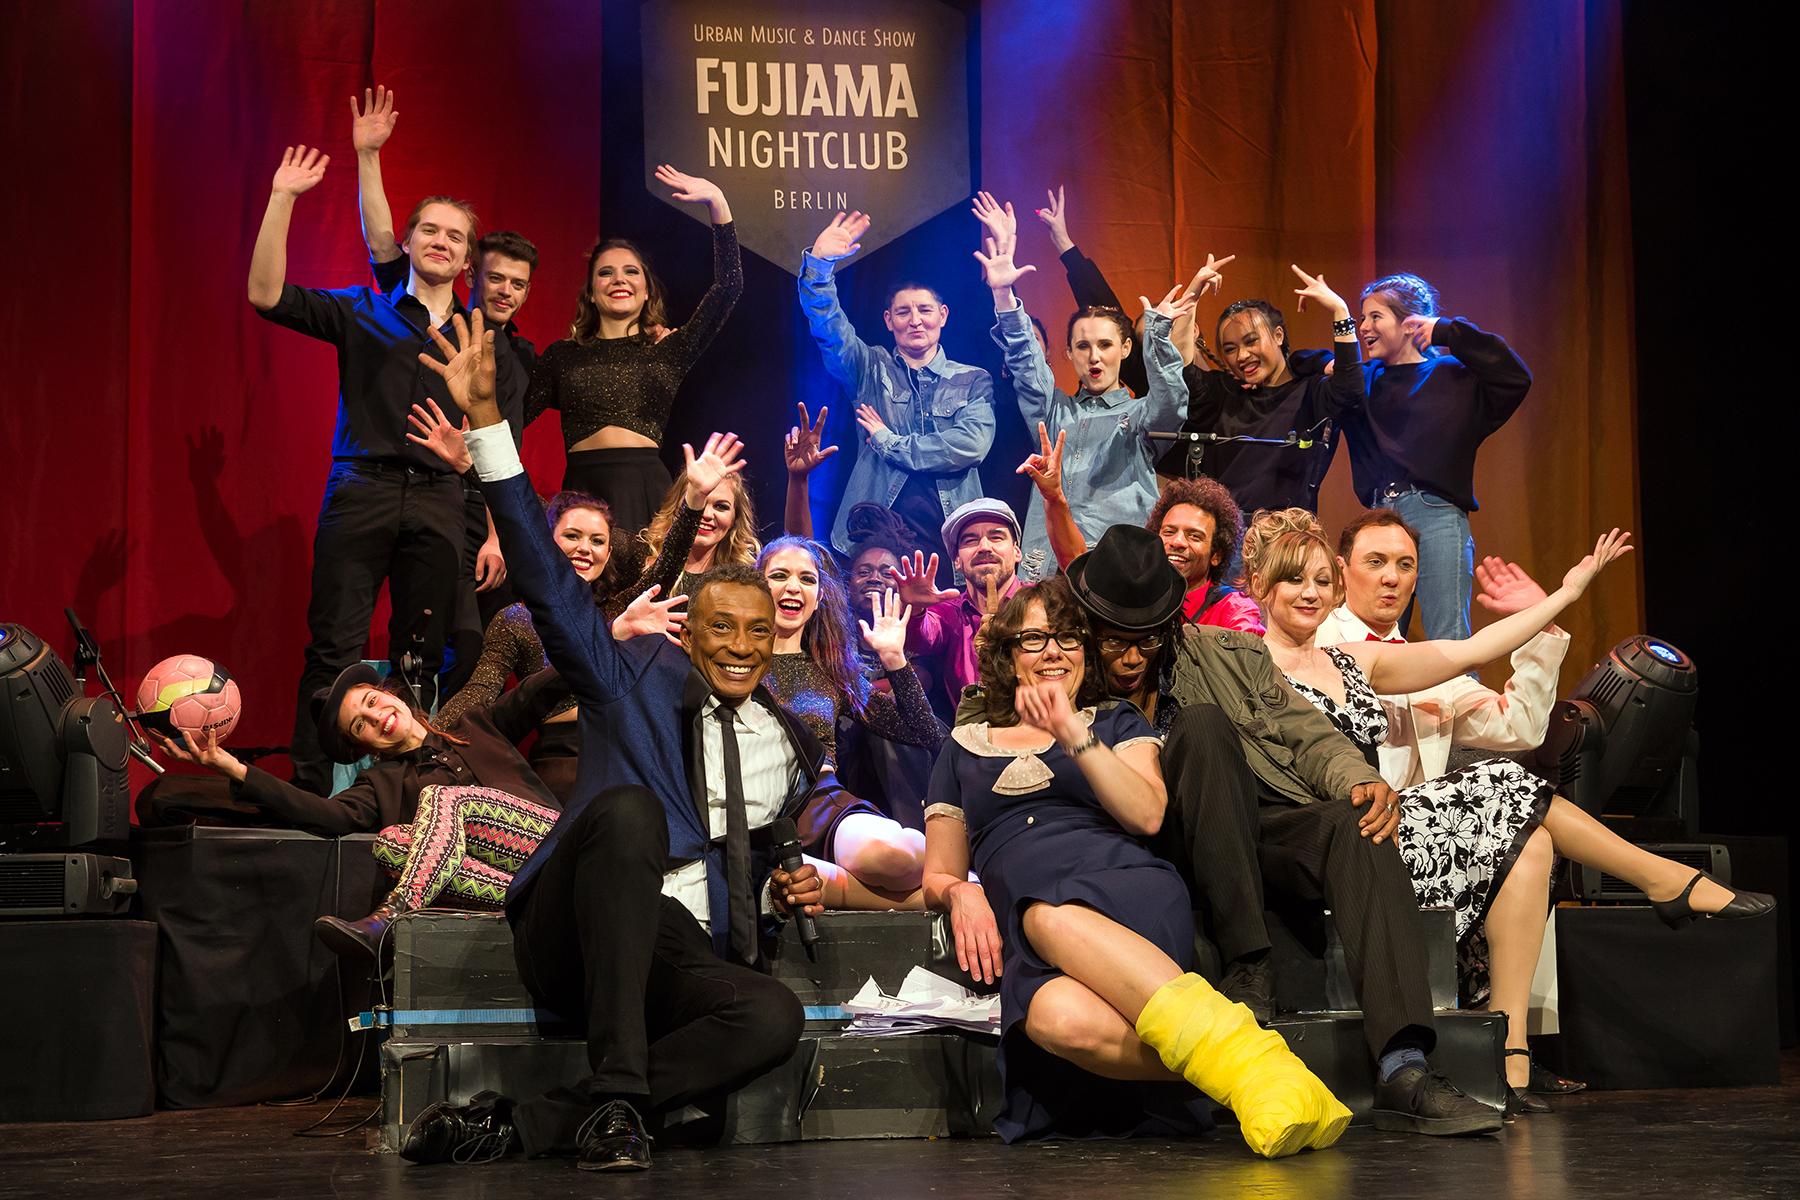 Fujiama Nightclub